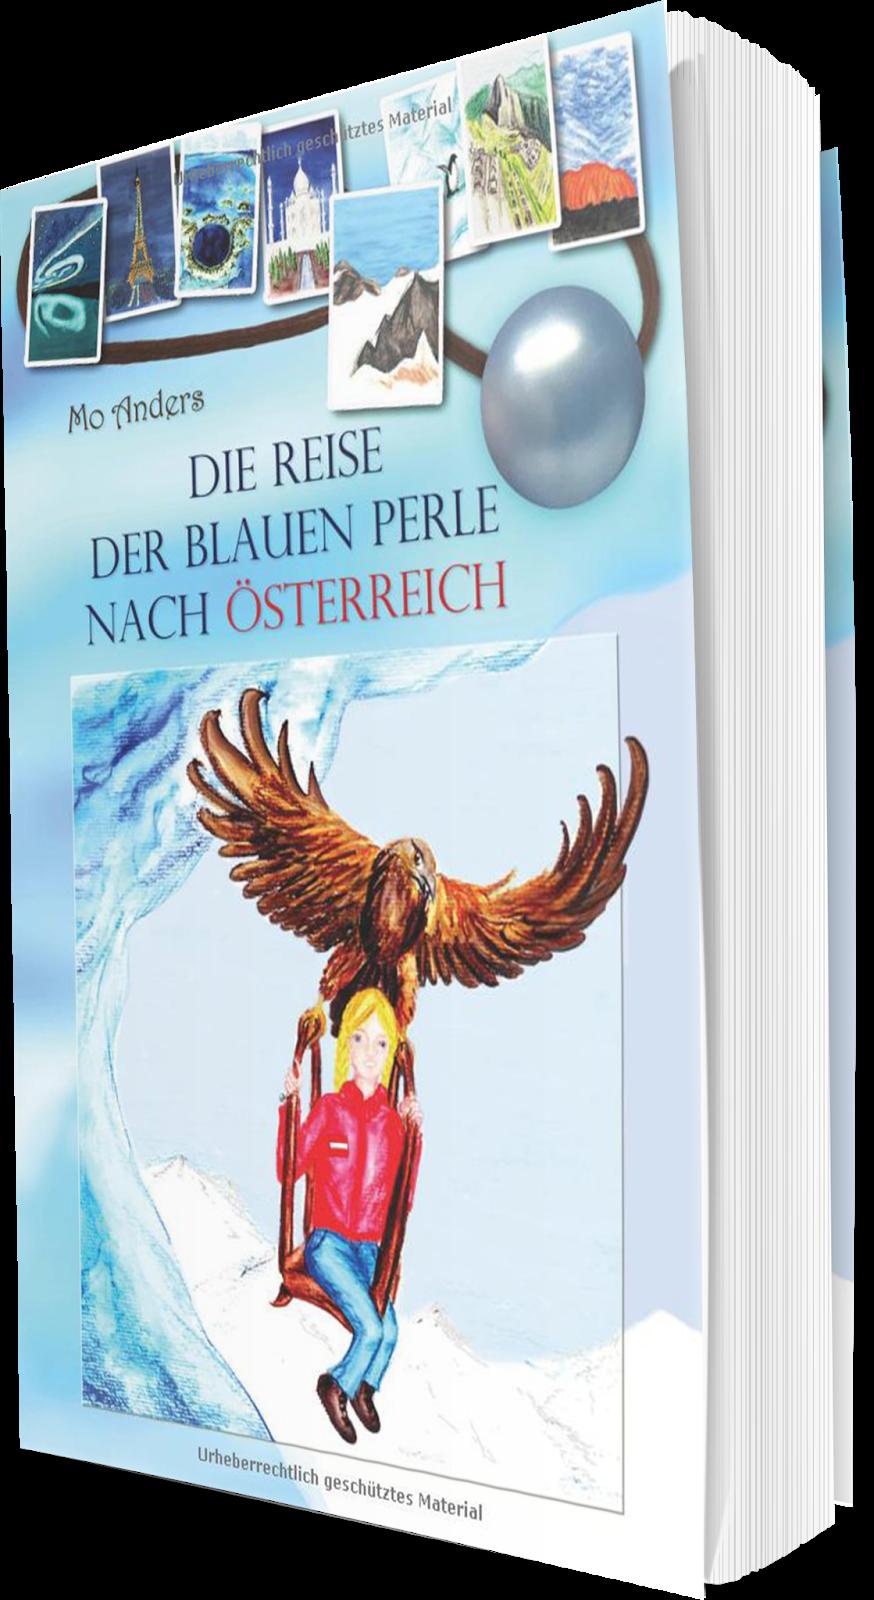 http://inflagrantibooks.blogspot.de/2013/09/die-reise-der-blauen-perle-nach.html